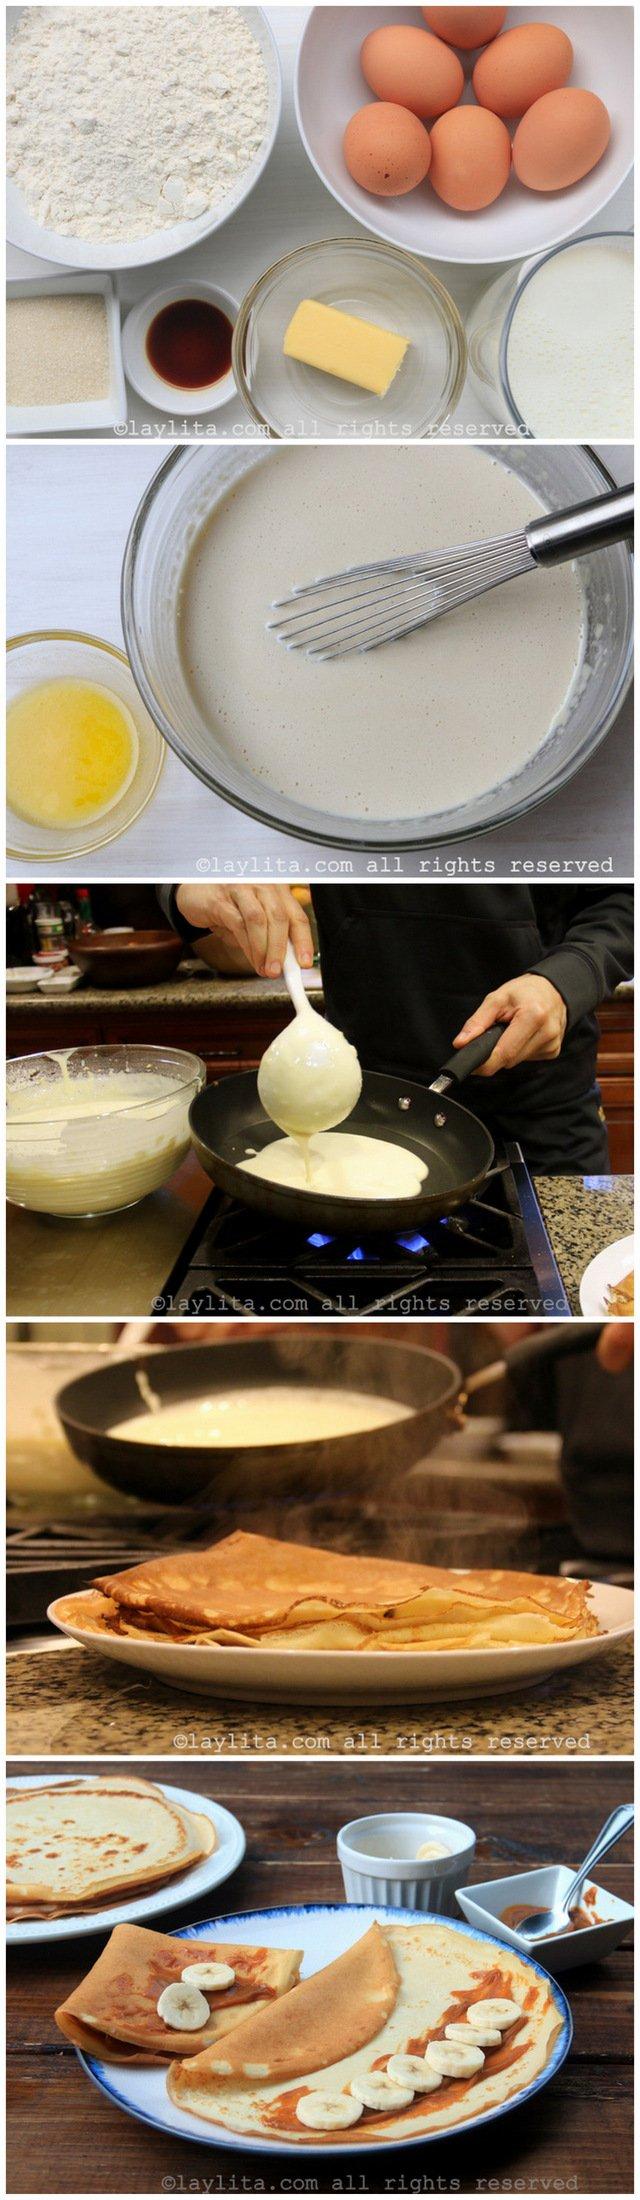 Como preparar crepas dulces en casa